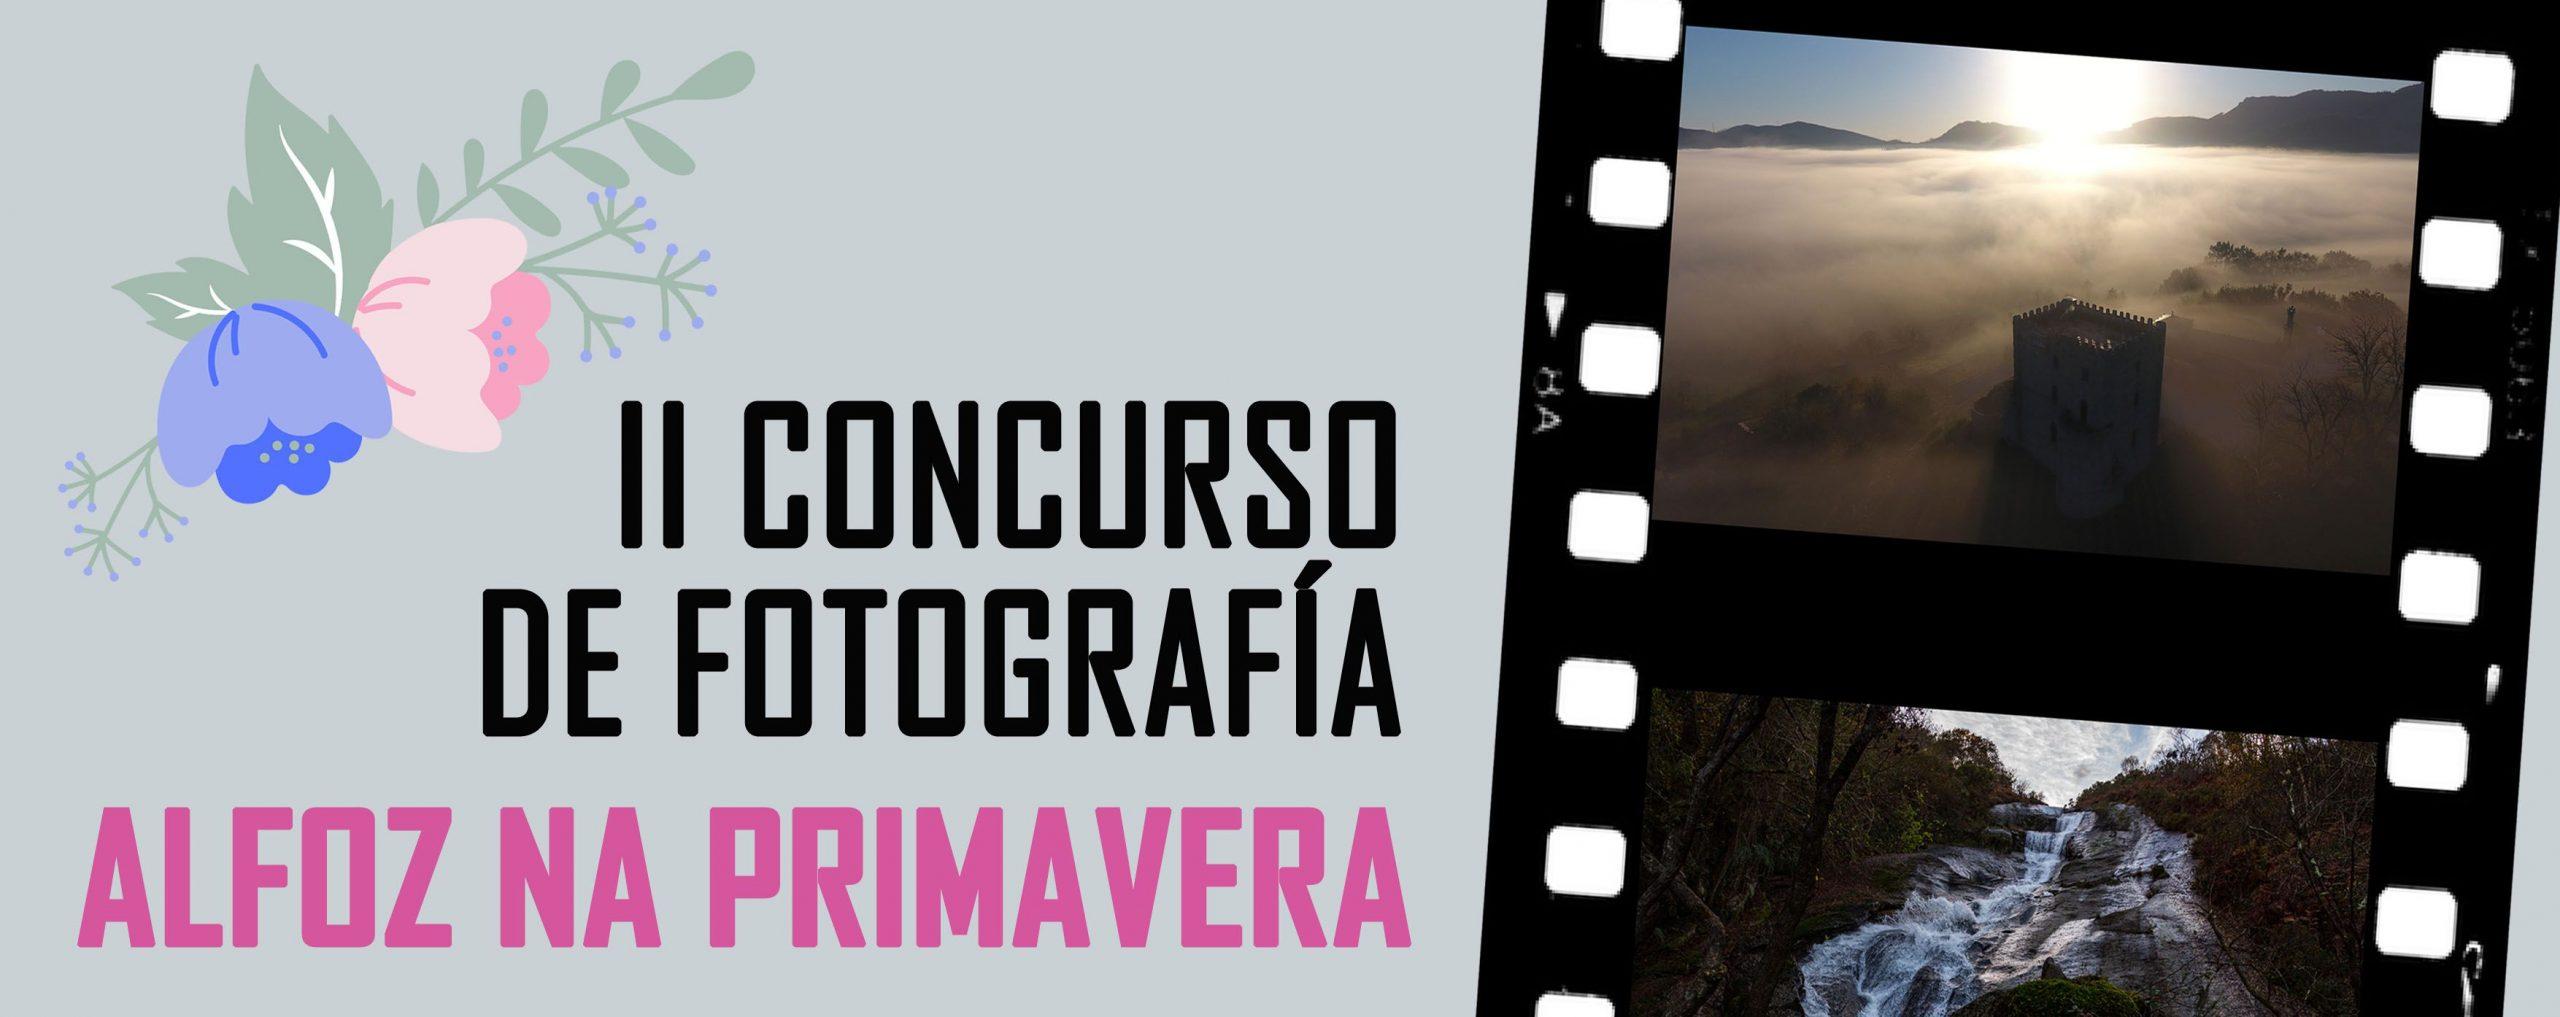 II Concurso de Fotografía